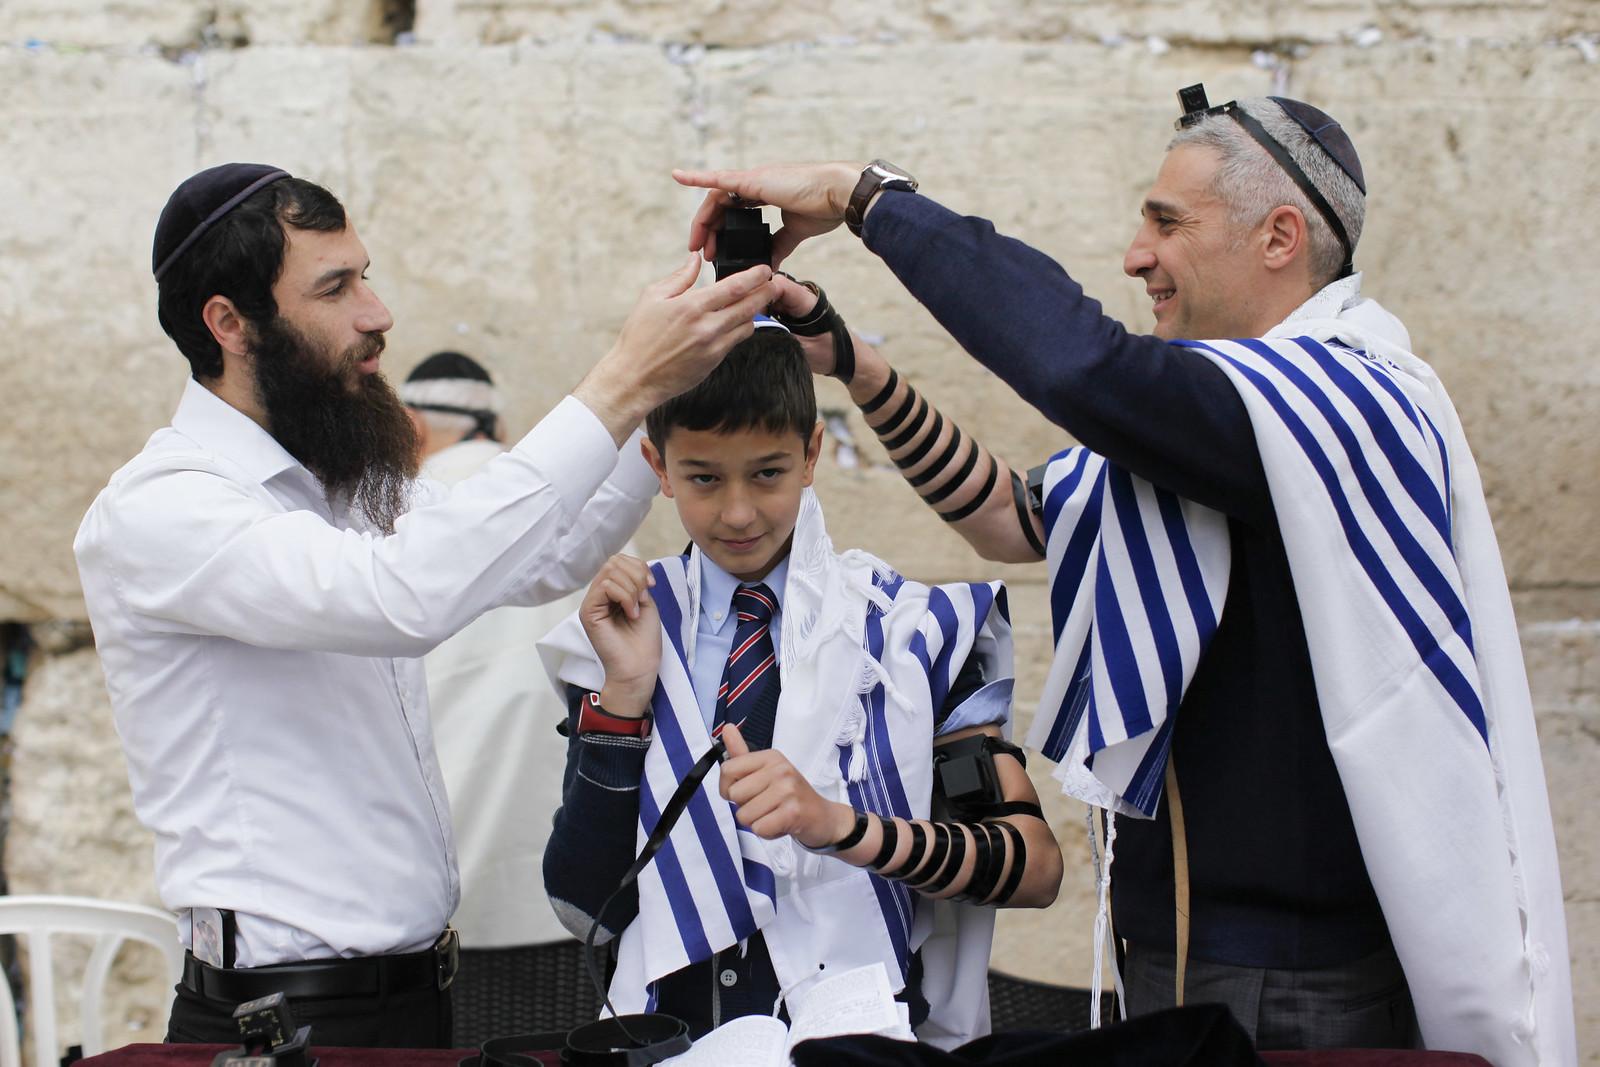 Bar Mitzvah 3_Jerusalem_9599_Yonatan Sindel_Flash 90_IMOT